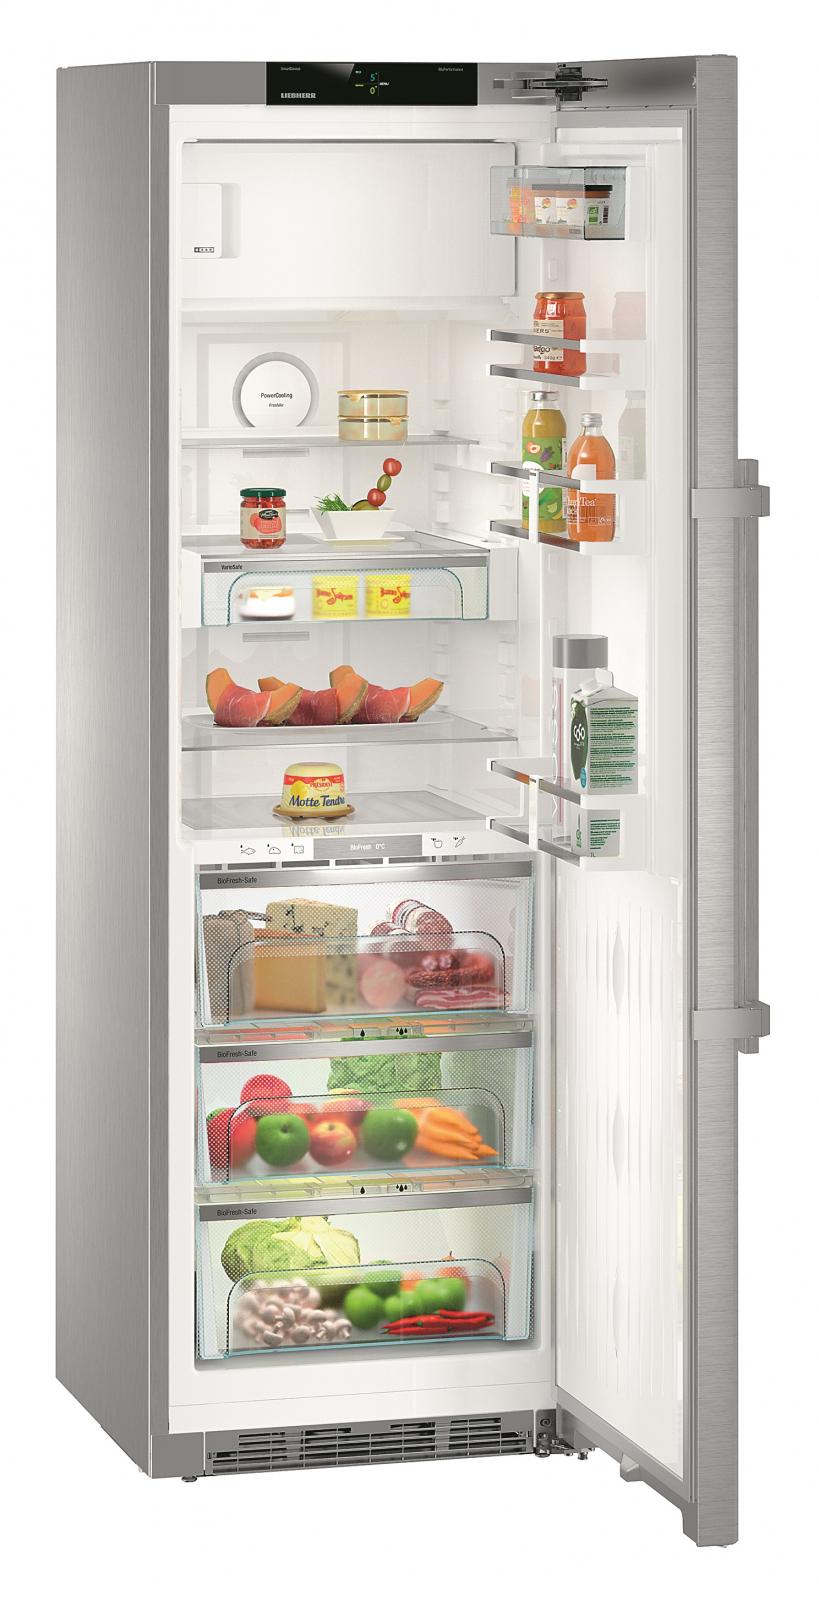 Однокамерный холодильник Liebherr KBPes 4354 купить украина